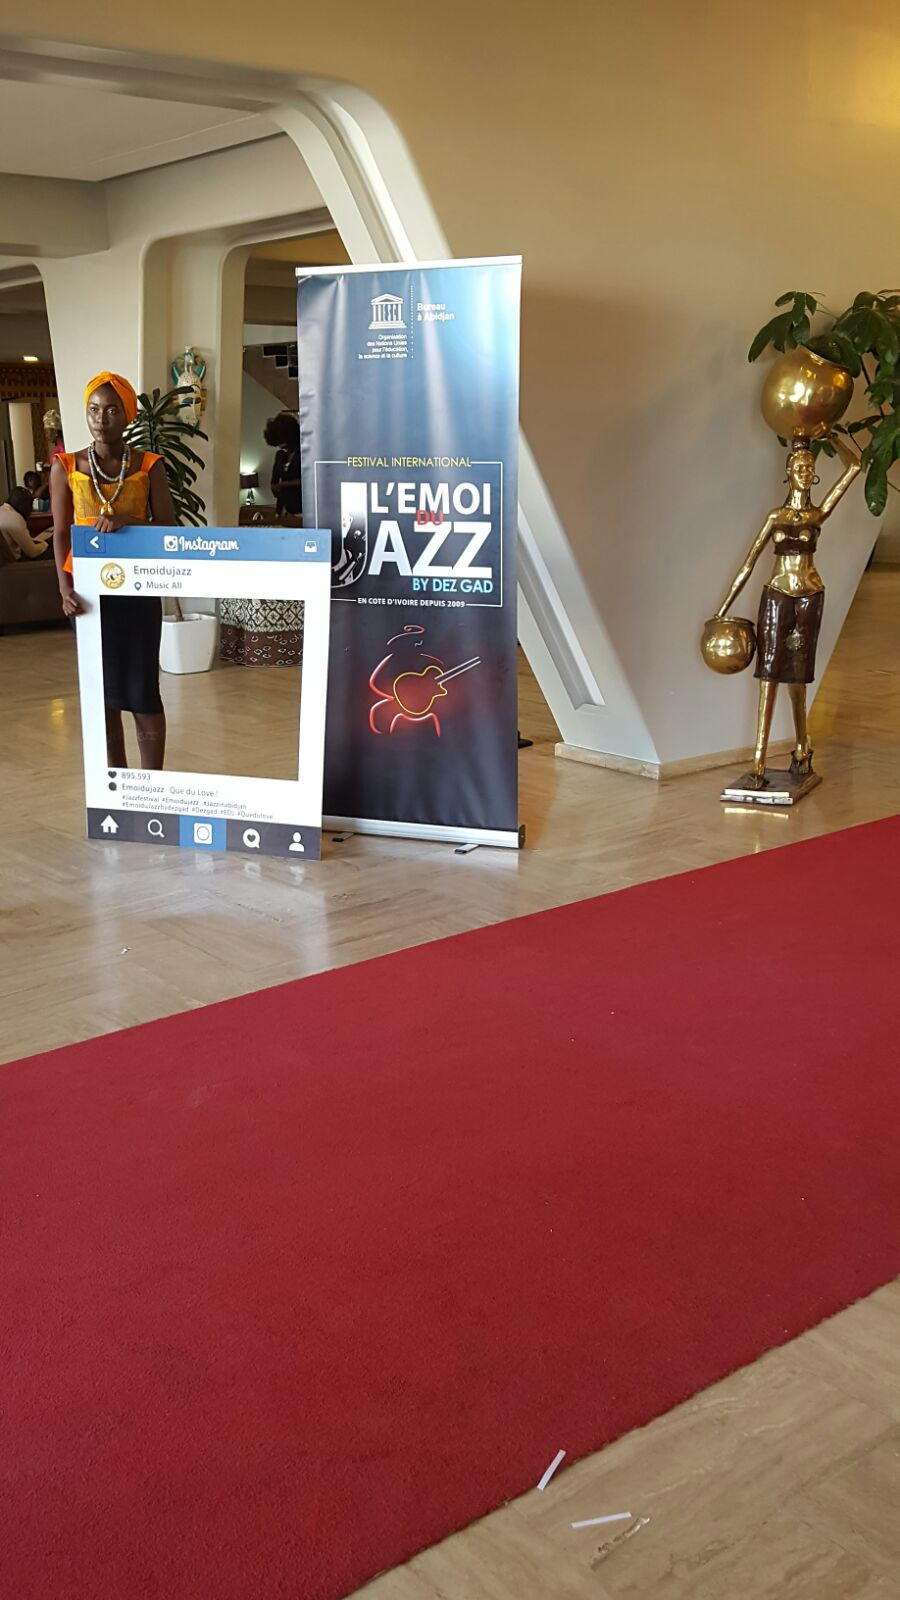 On était à la cérémonie d'ouverture du Festival Emoi du Jazz by Dez Gad 2017